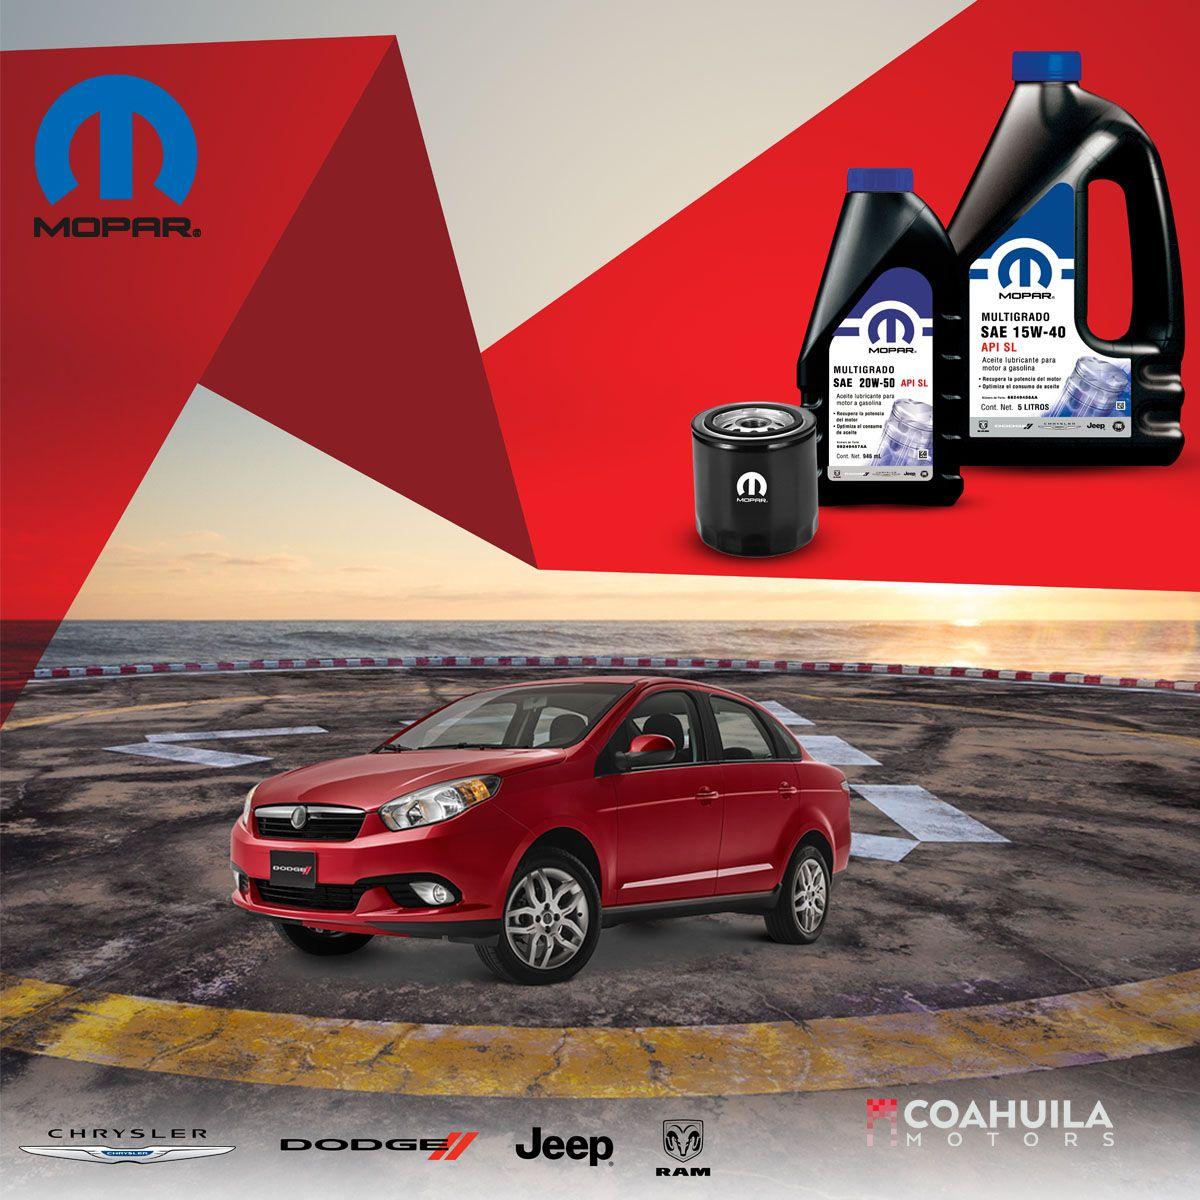 En Coahuila Motors Contamos Con Refacciones Accesorios